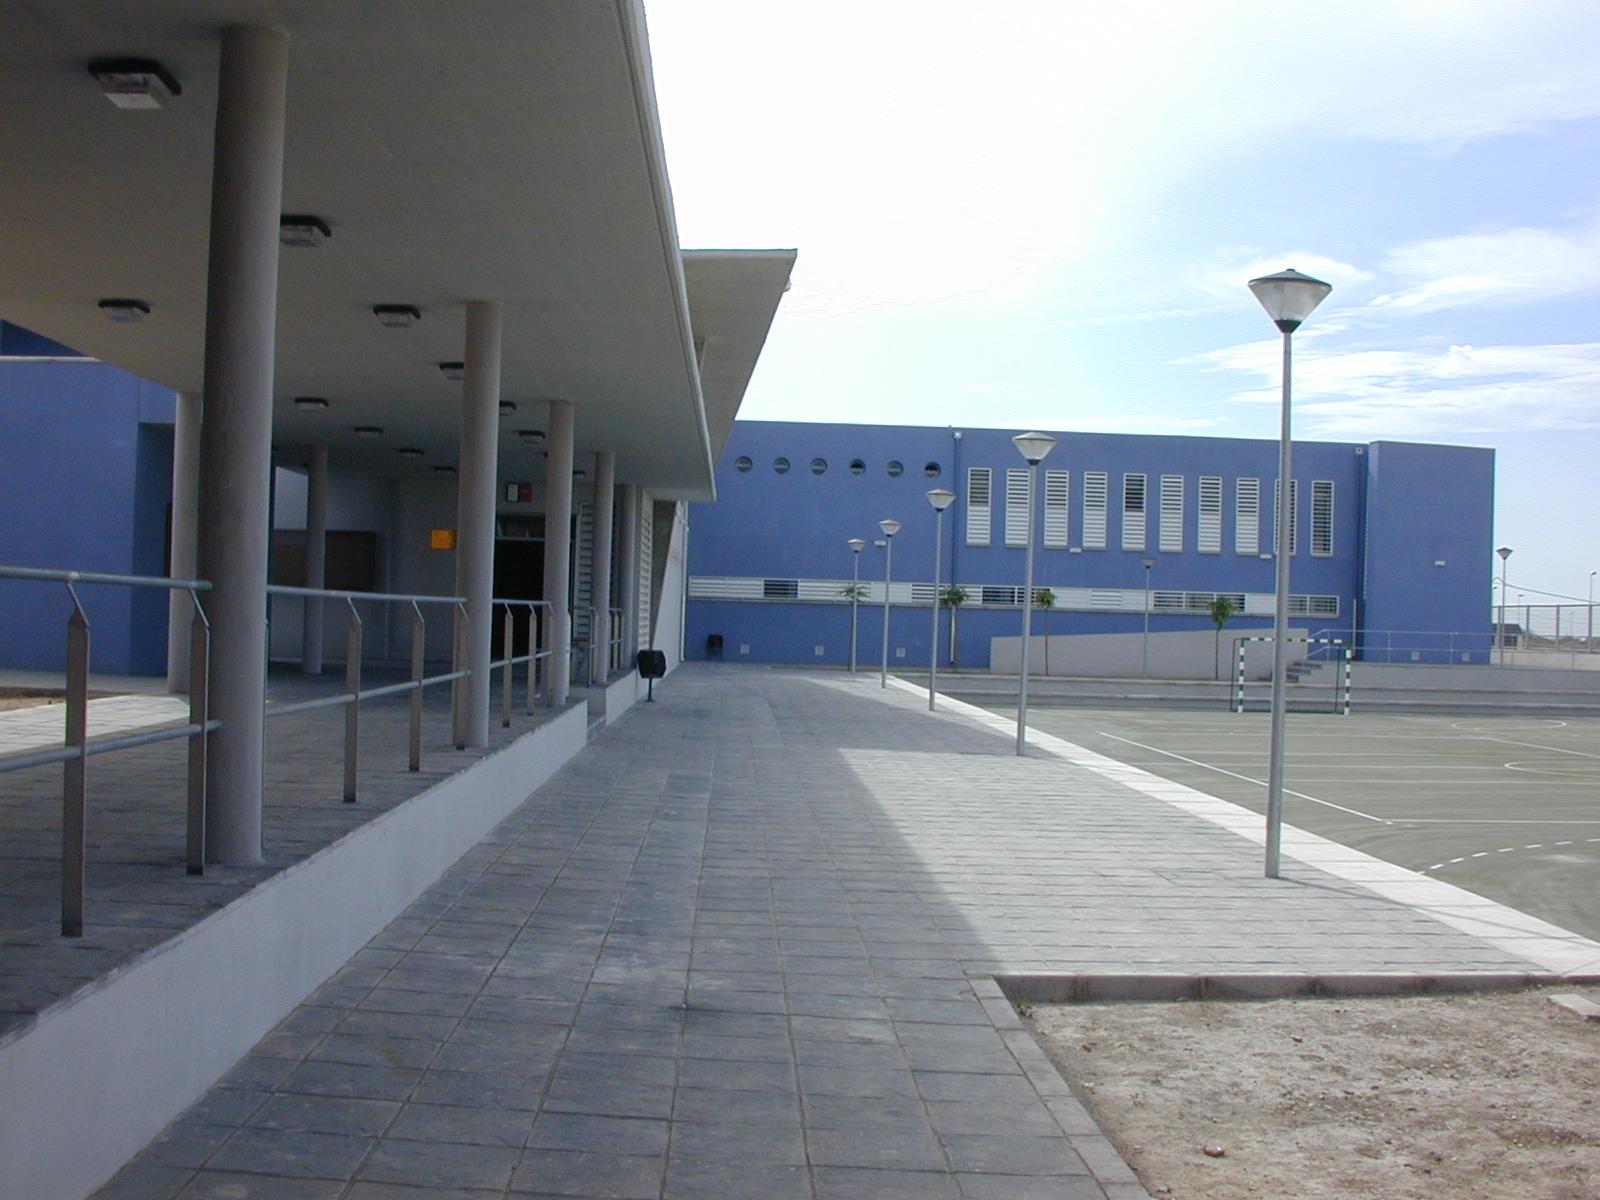 IES Puerta de Pechina